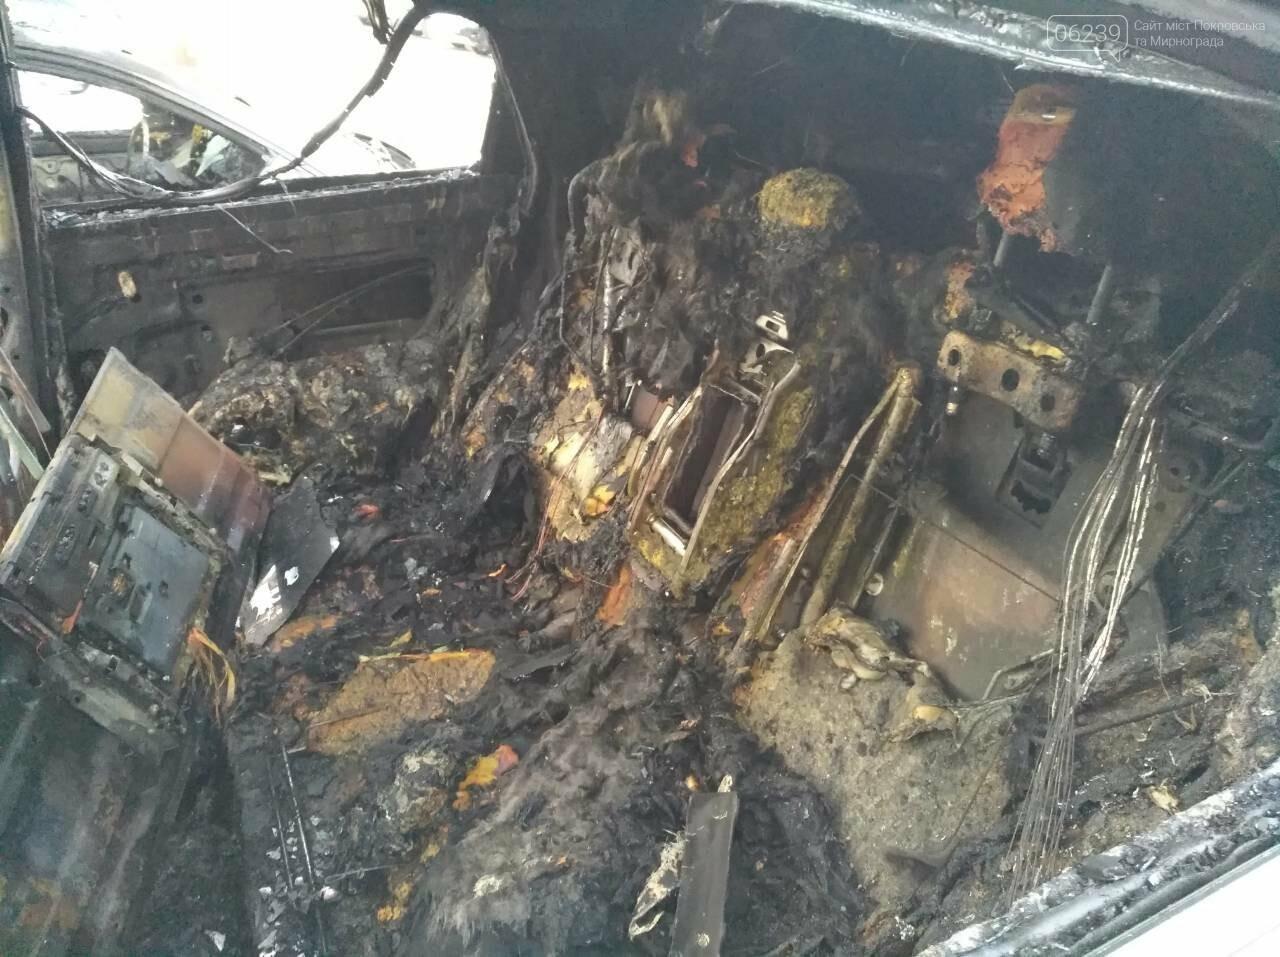 Поджог или  случайность: в Покровске этой ночью горели 4 автомобиля, фото-4